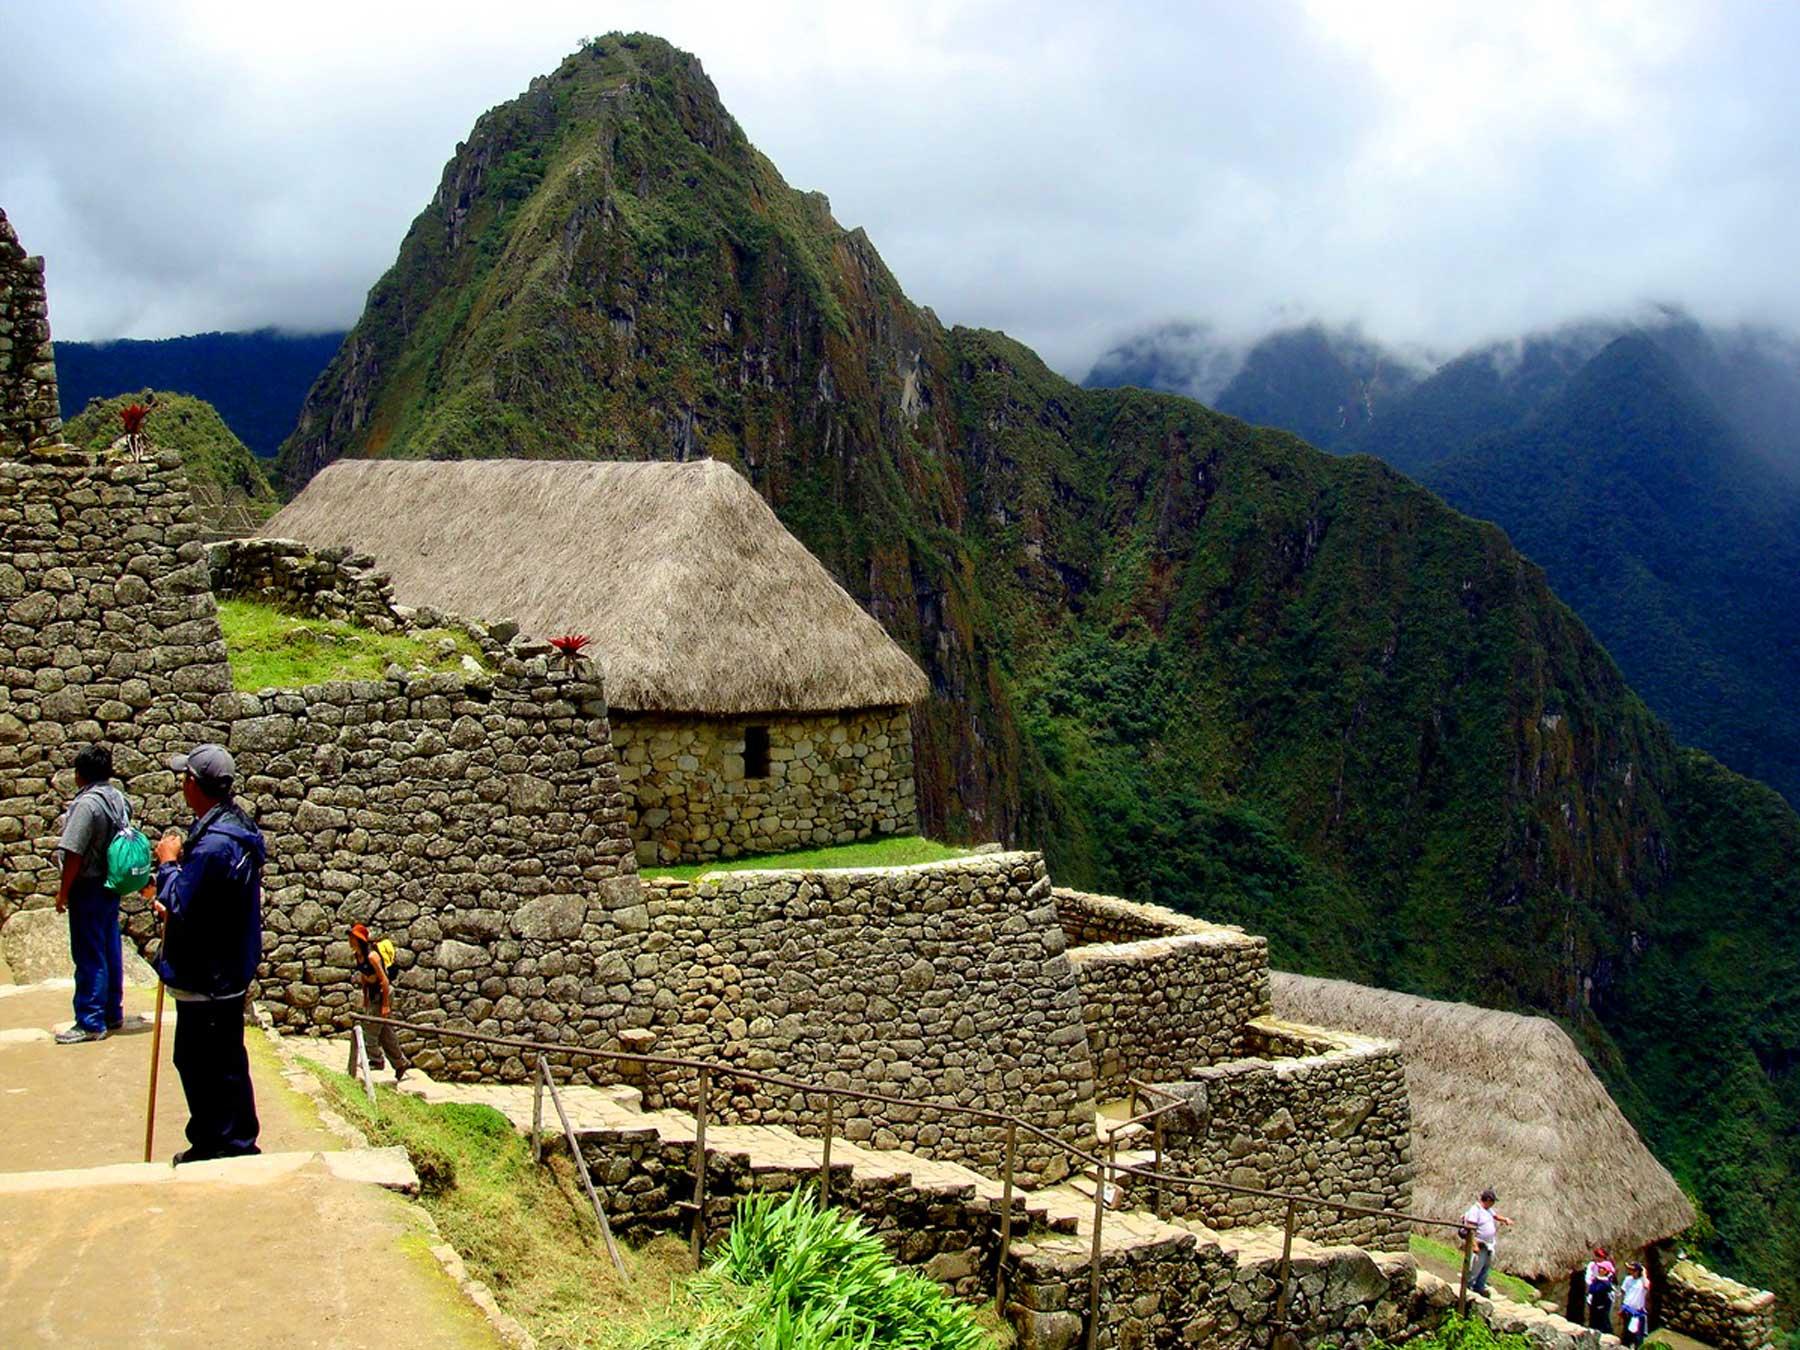 Ao entrar em Machu Picchu, observaremos esta impressionante arquibancada